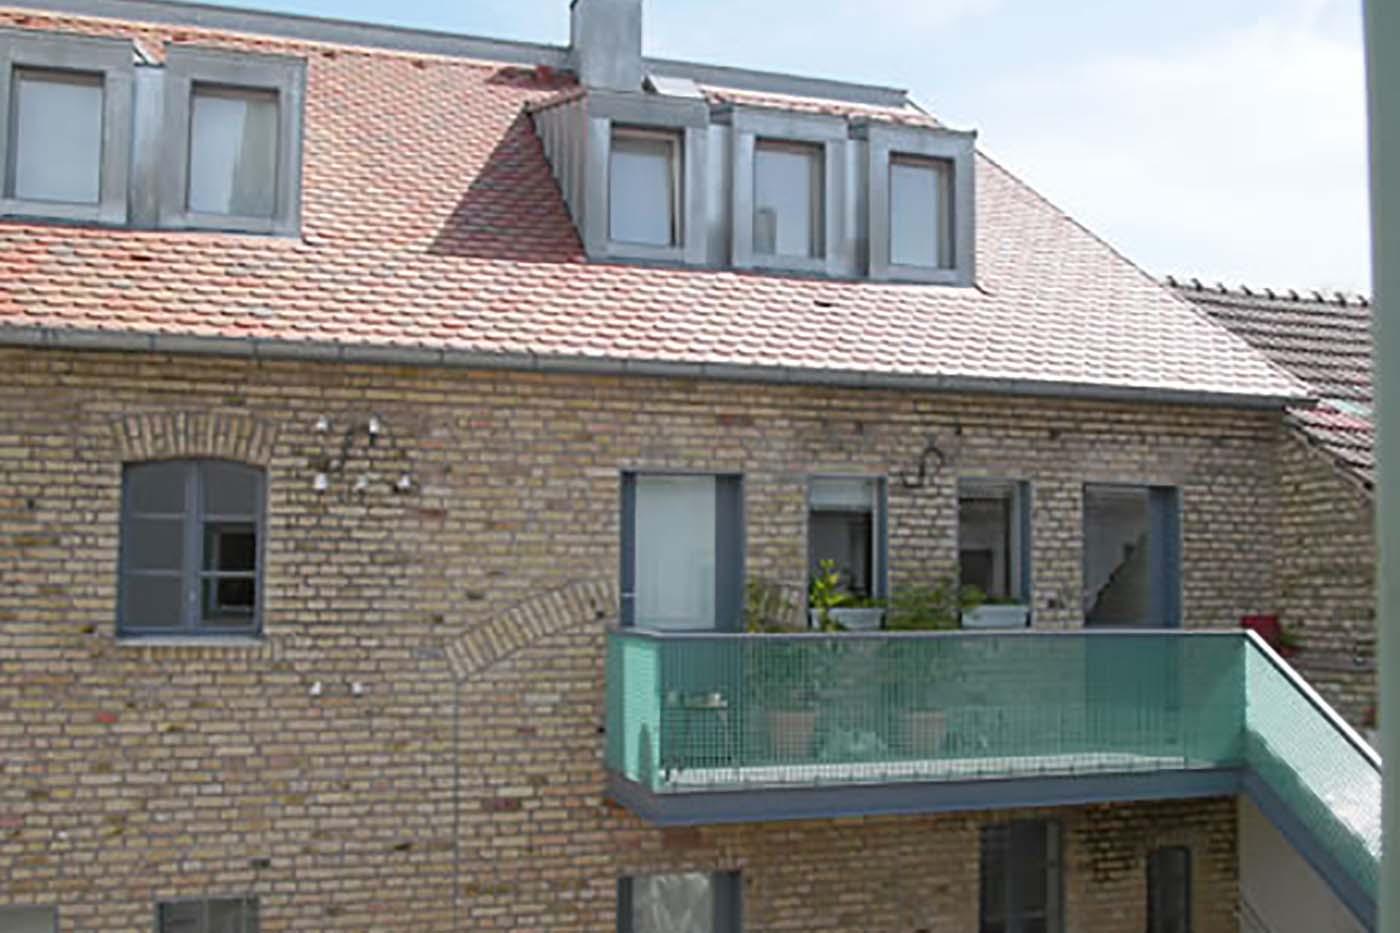 18_Erbach Markt, Ansicht Scheune nach Sanierung